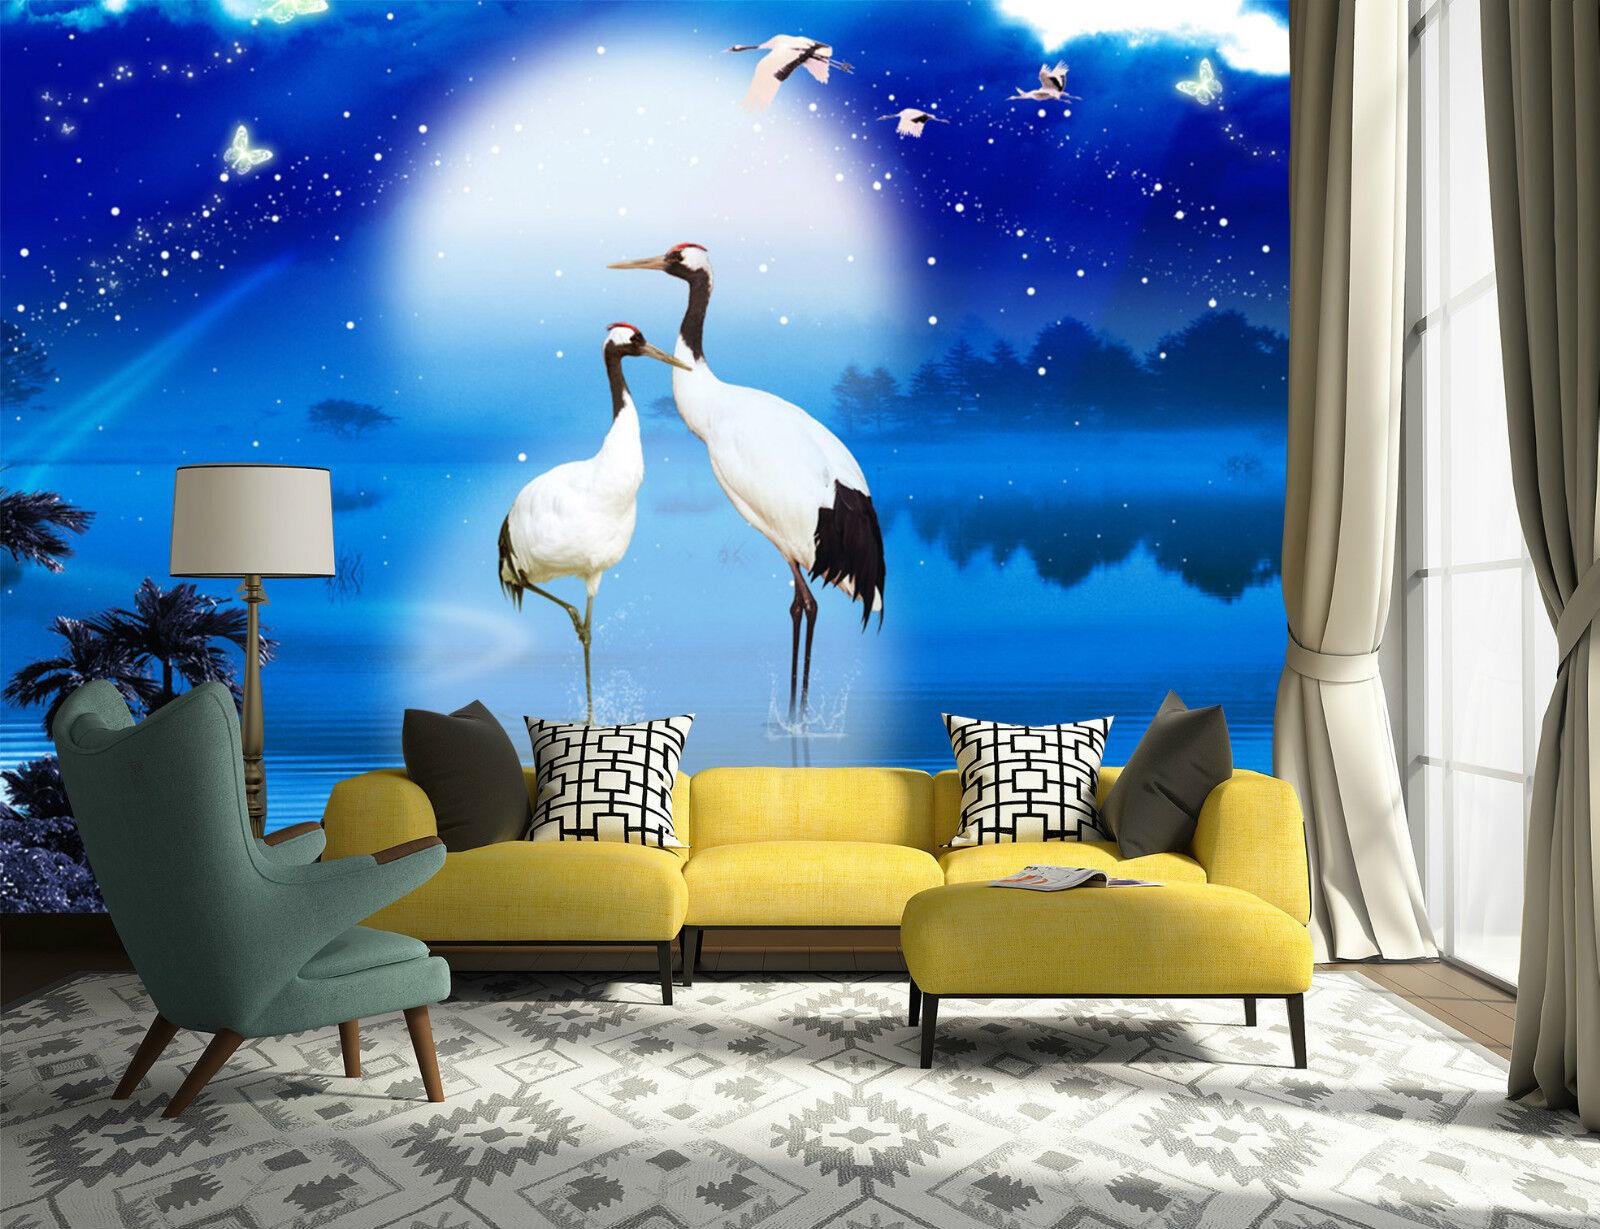 3D Lune Vous 55 Photo Papier Peint en Autocollant Murale Plafond Chambre Art